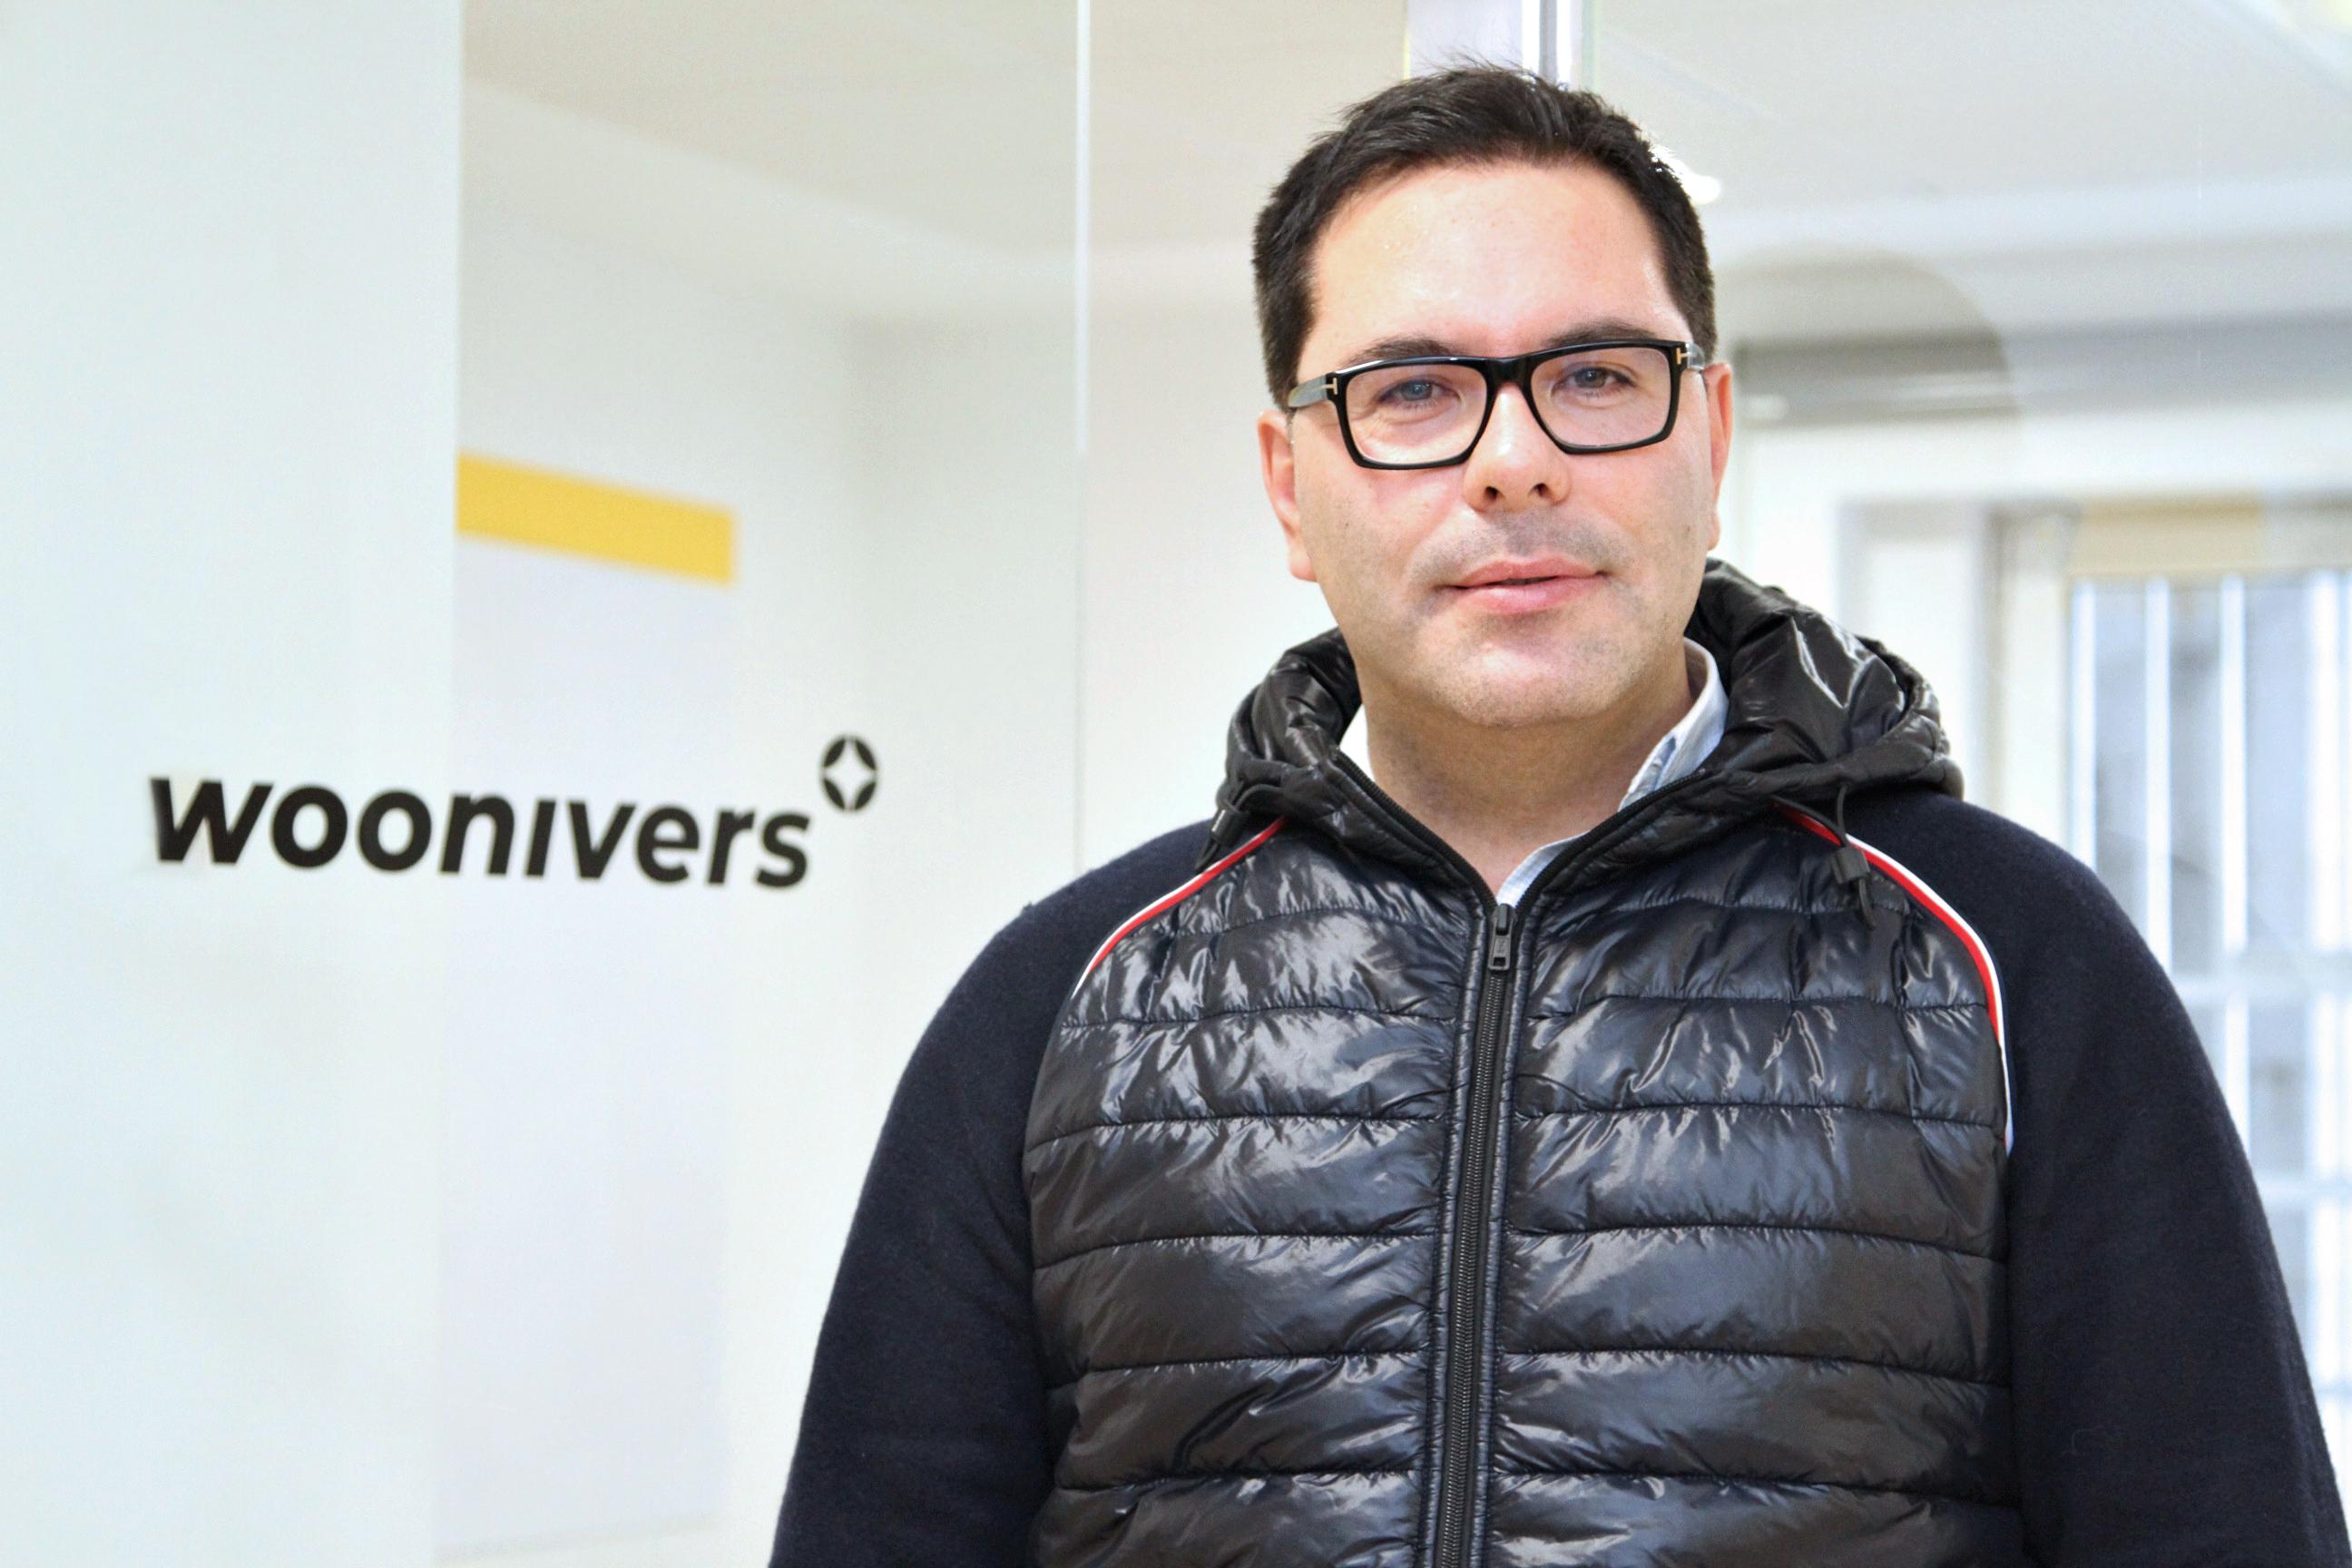 """Antonio Cantalapiedra: """"En Woonivers daremos pasos que no me dejaron dar con mytaxi"""""""